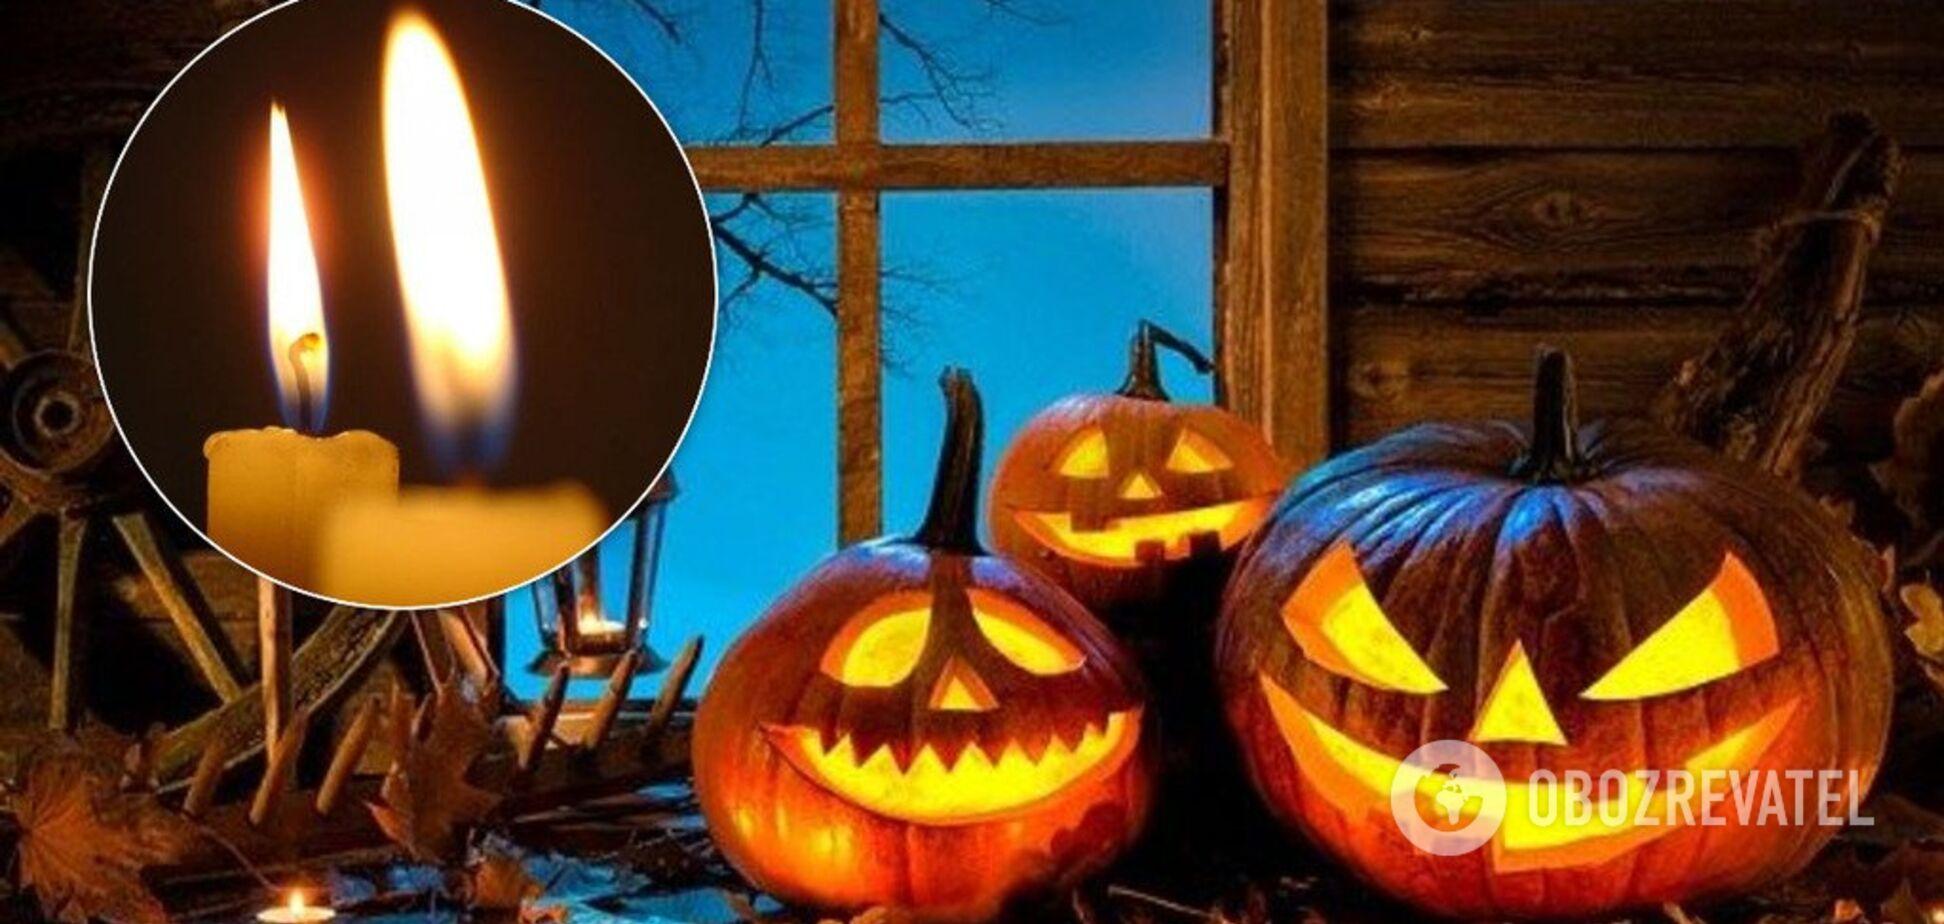 Тыква, рис и монеты: озвучен оригинальный ритуал на Хэллоуин